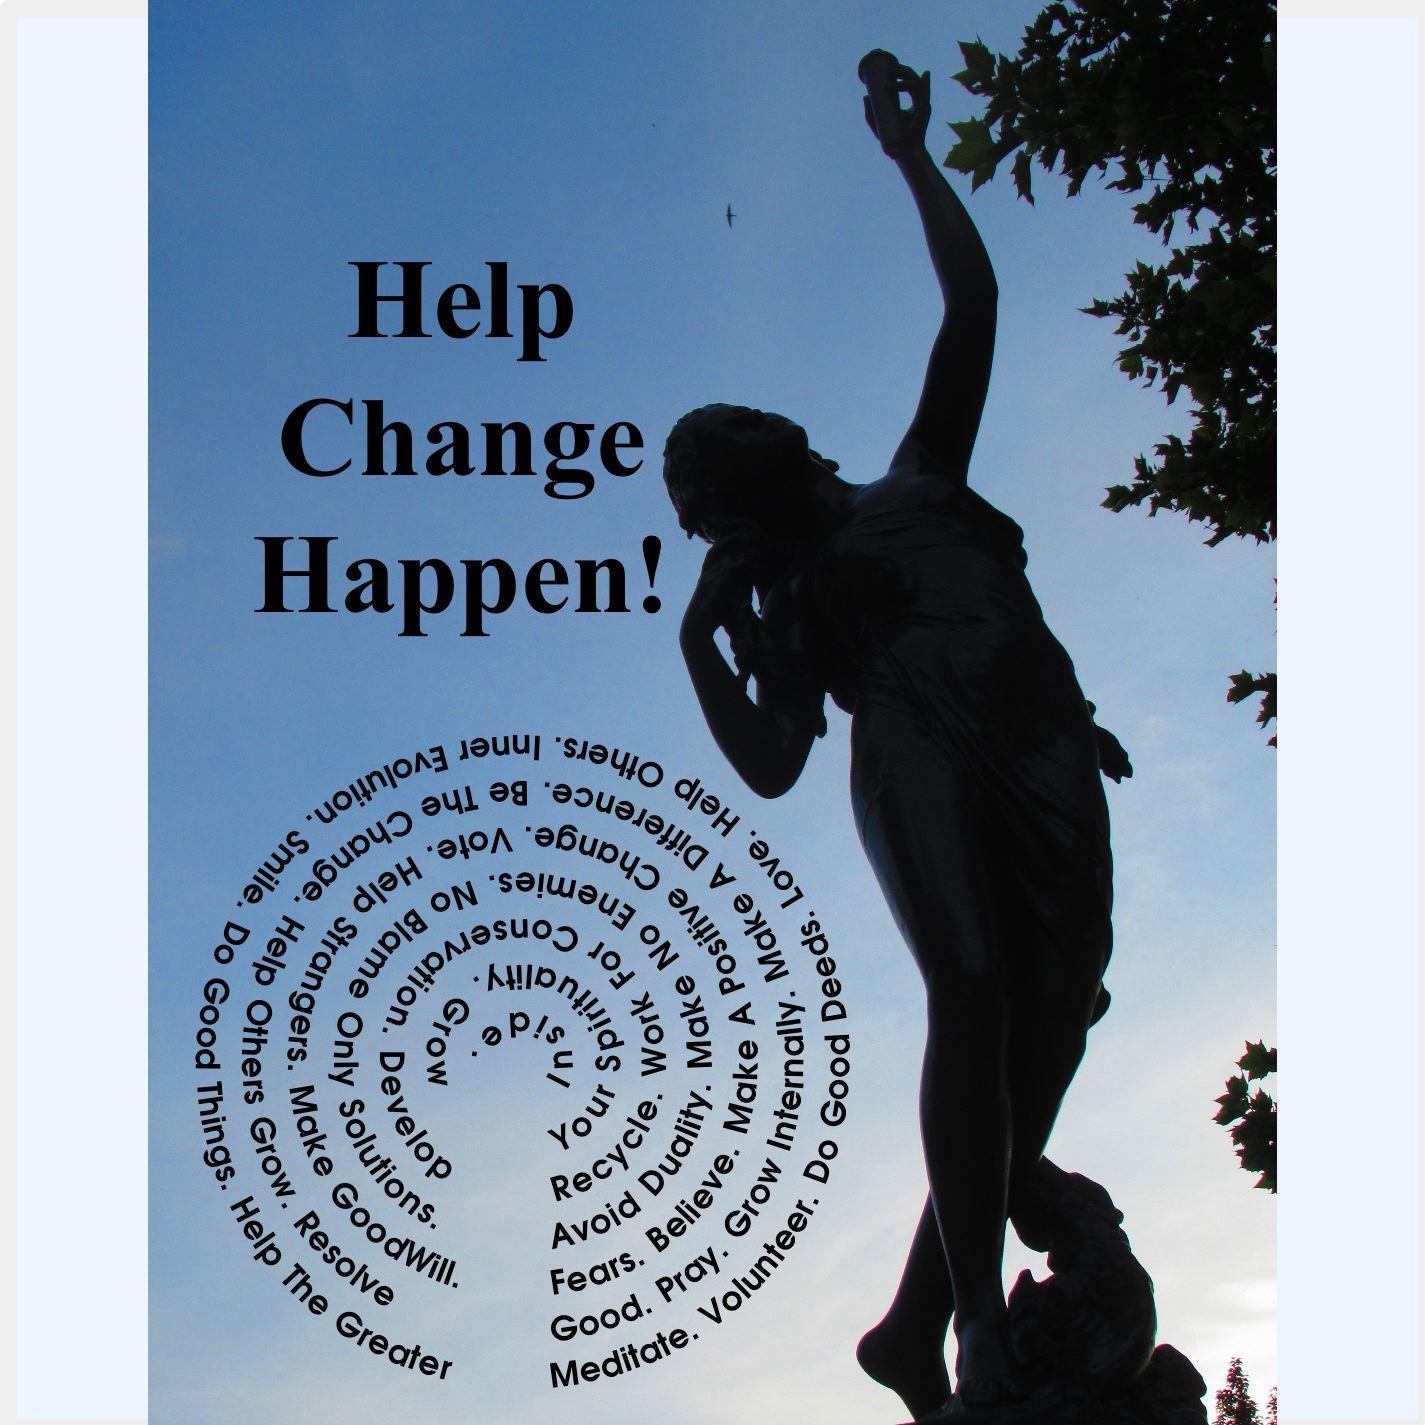 Help Change Happen!